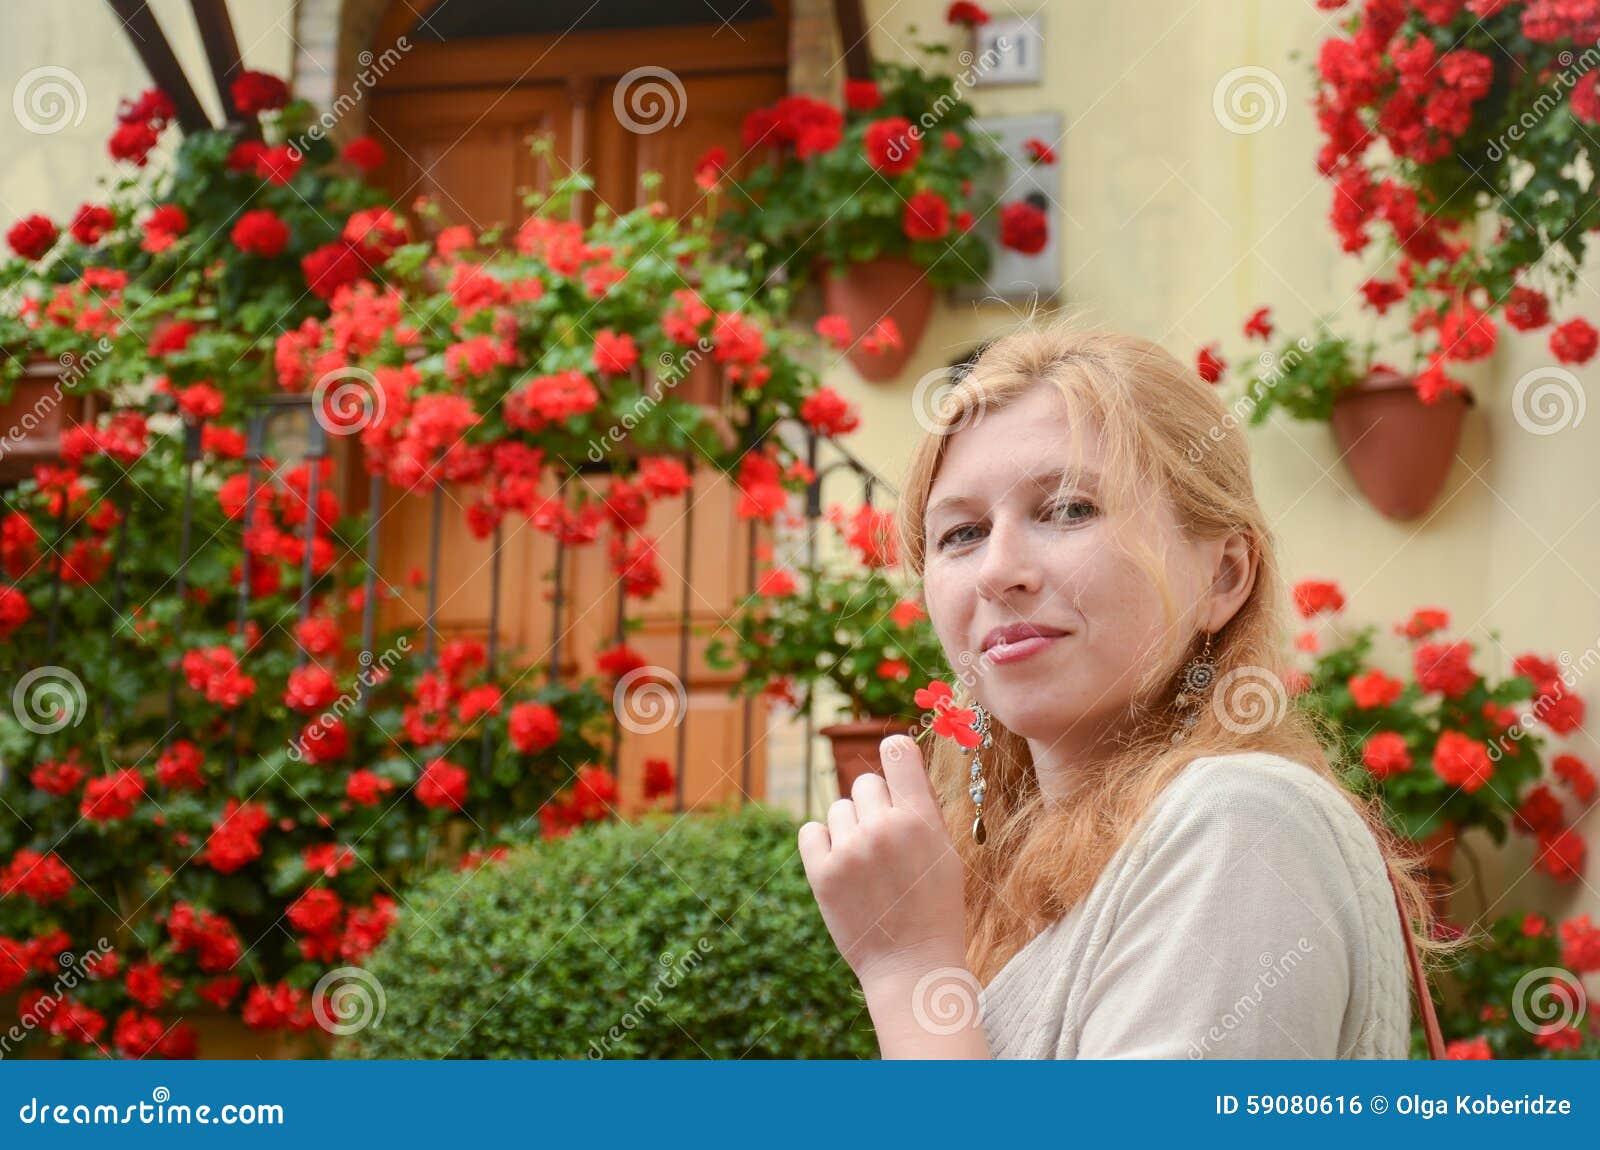 Portret van roodharige vrouw voor rode bloemen